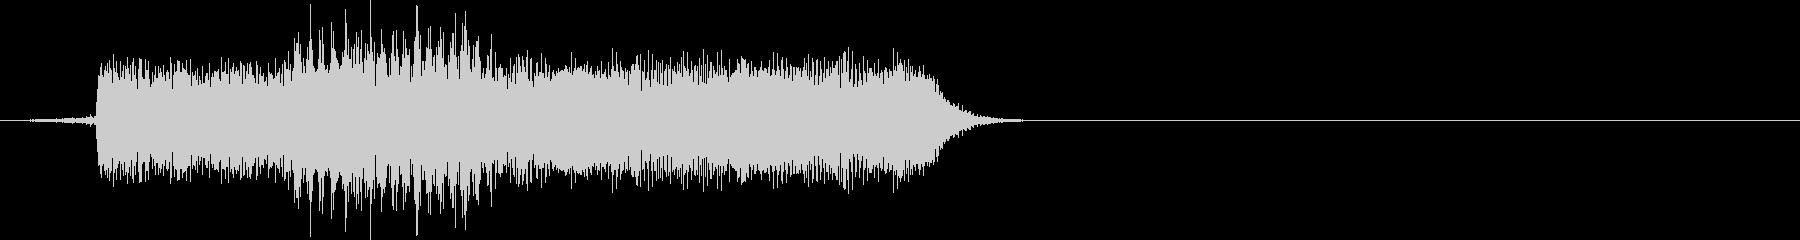 クリック音の未再生の波形